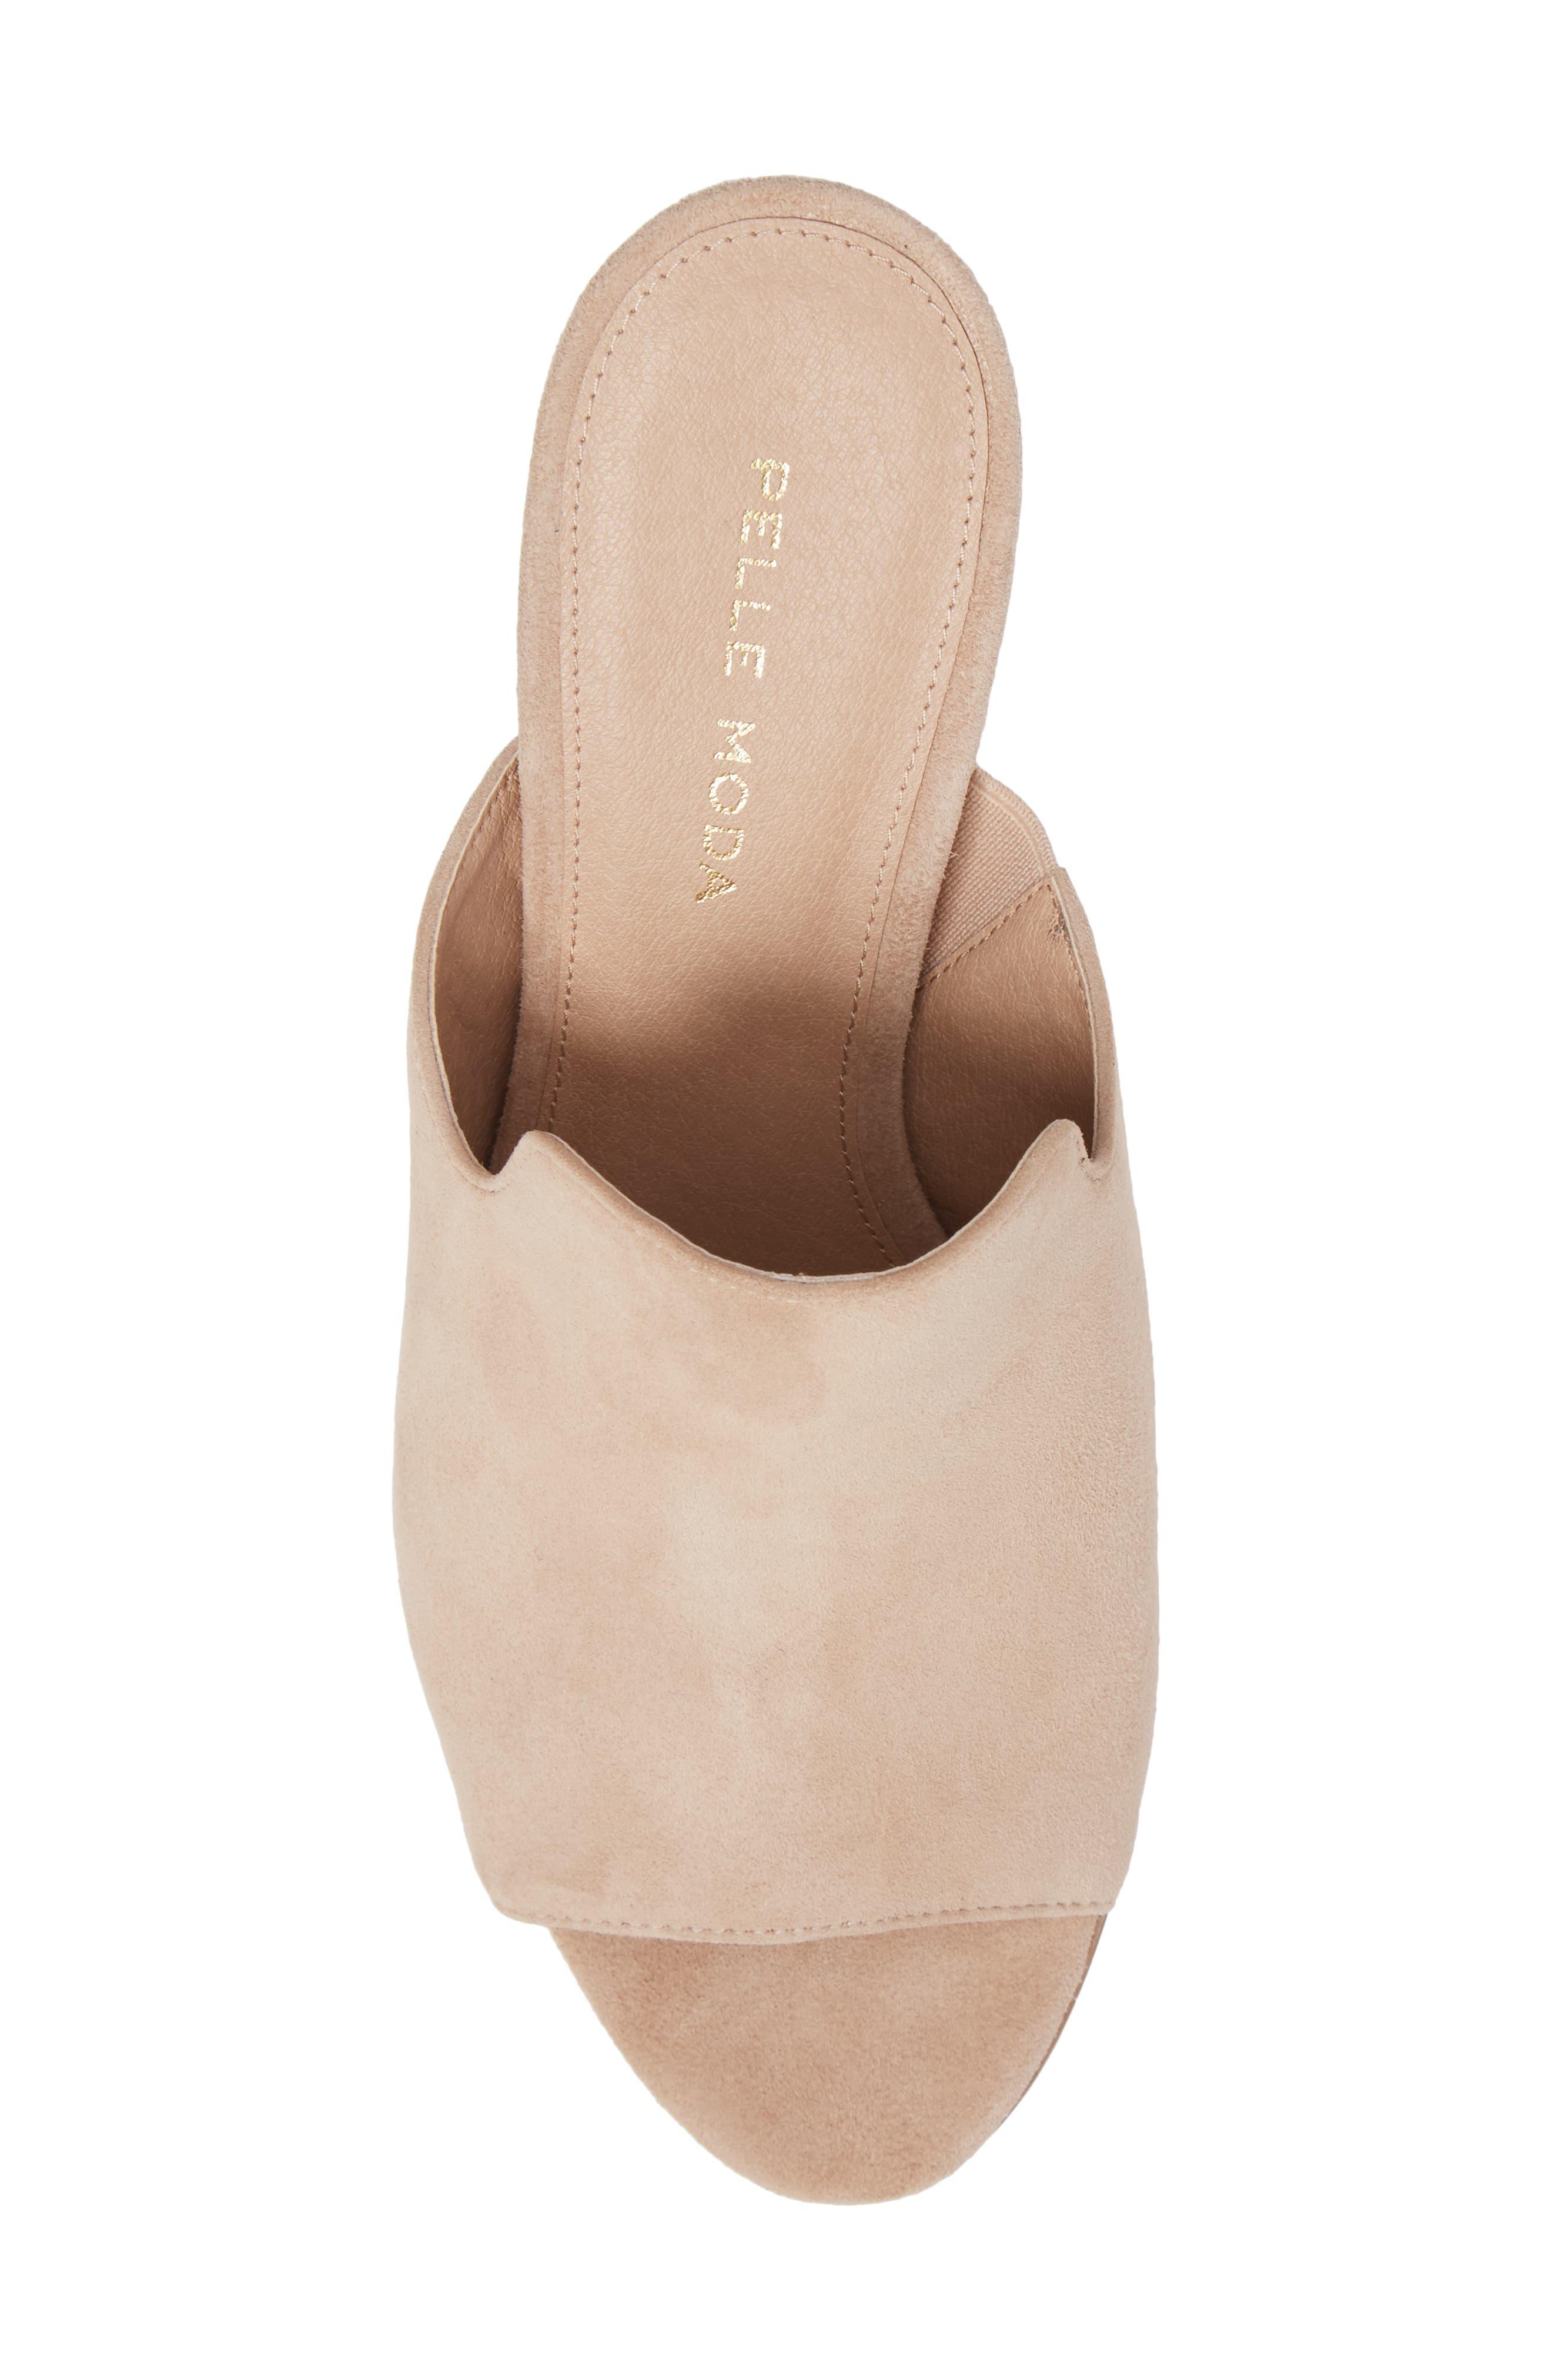 Blair Peep Toe Mule,                             Alternate thumbnail 5, color,                             Sand Leather